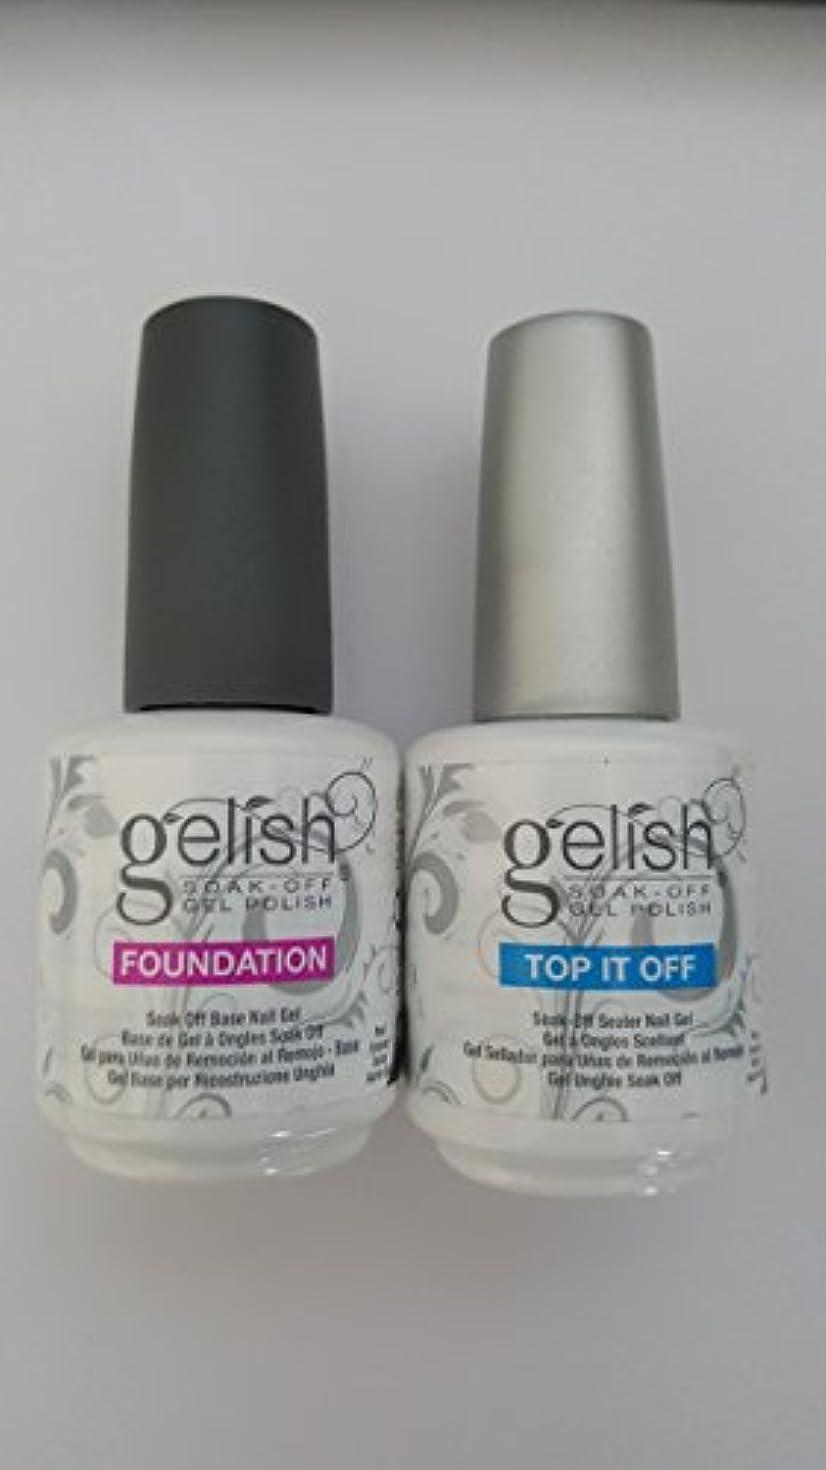 丈夫下位敬HARMONY gelish Top it Off/Foundation( ハーモニー ジェリッシュ ファンデーション ベースジェル &シーラージェル) (15ml)2点セット